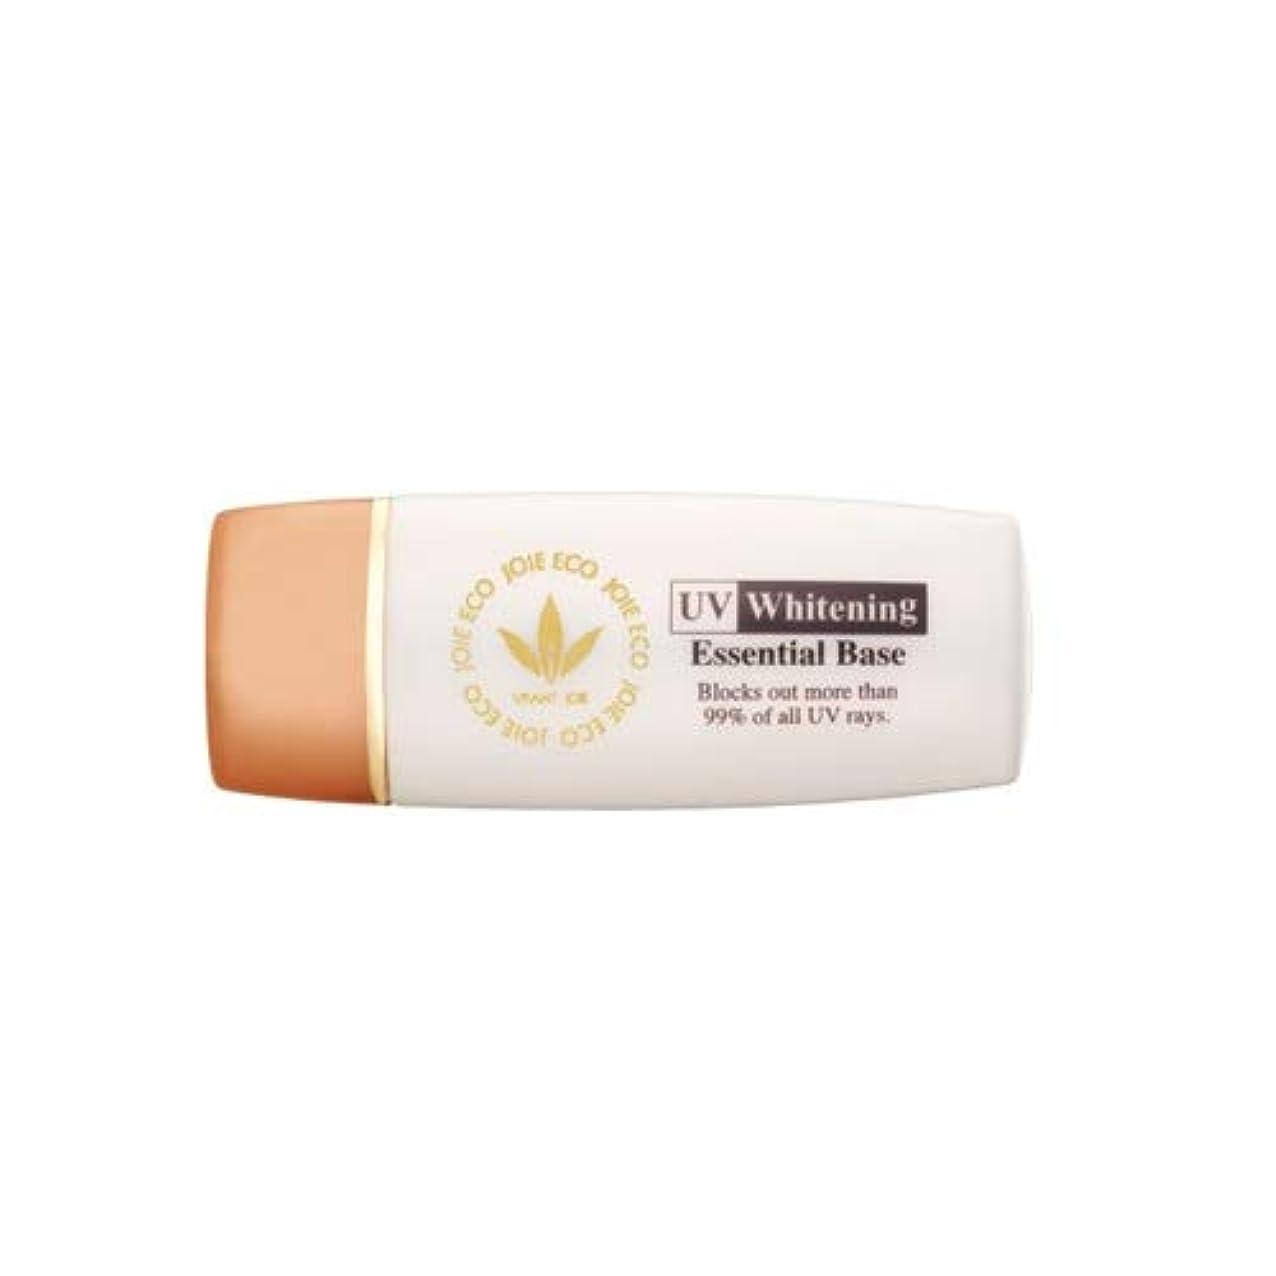 分配します届ける毎週ビーバンジョア VIVANTJOIE 「薬用UV美白エッセンシャルベース」 12ml 470AC